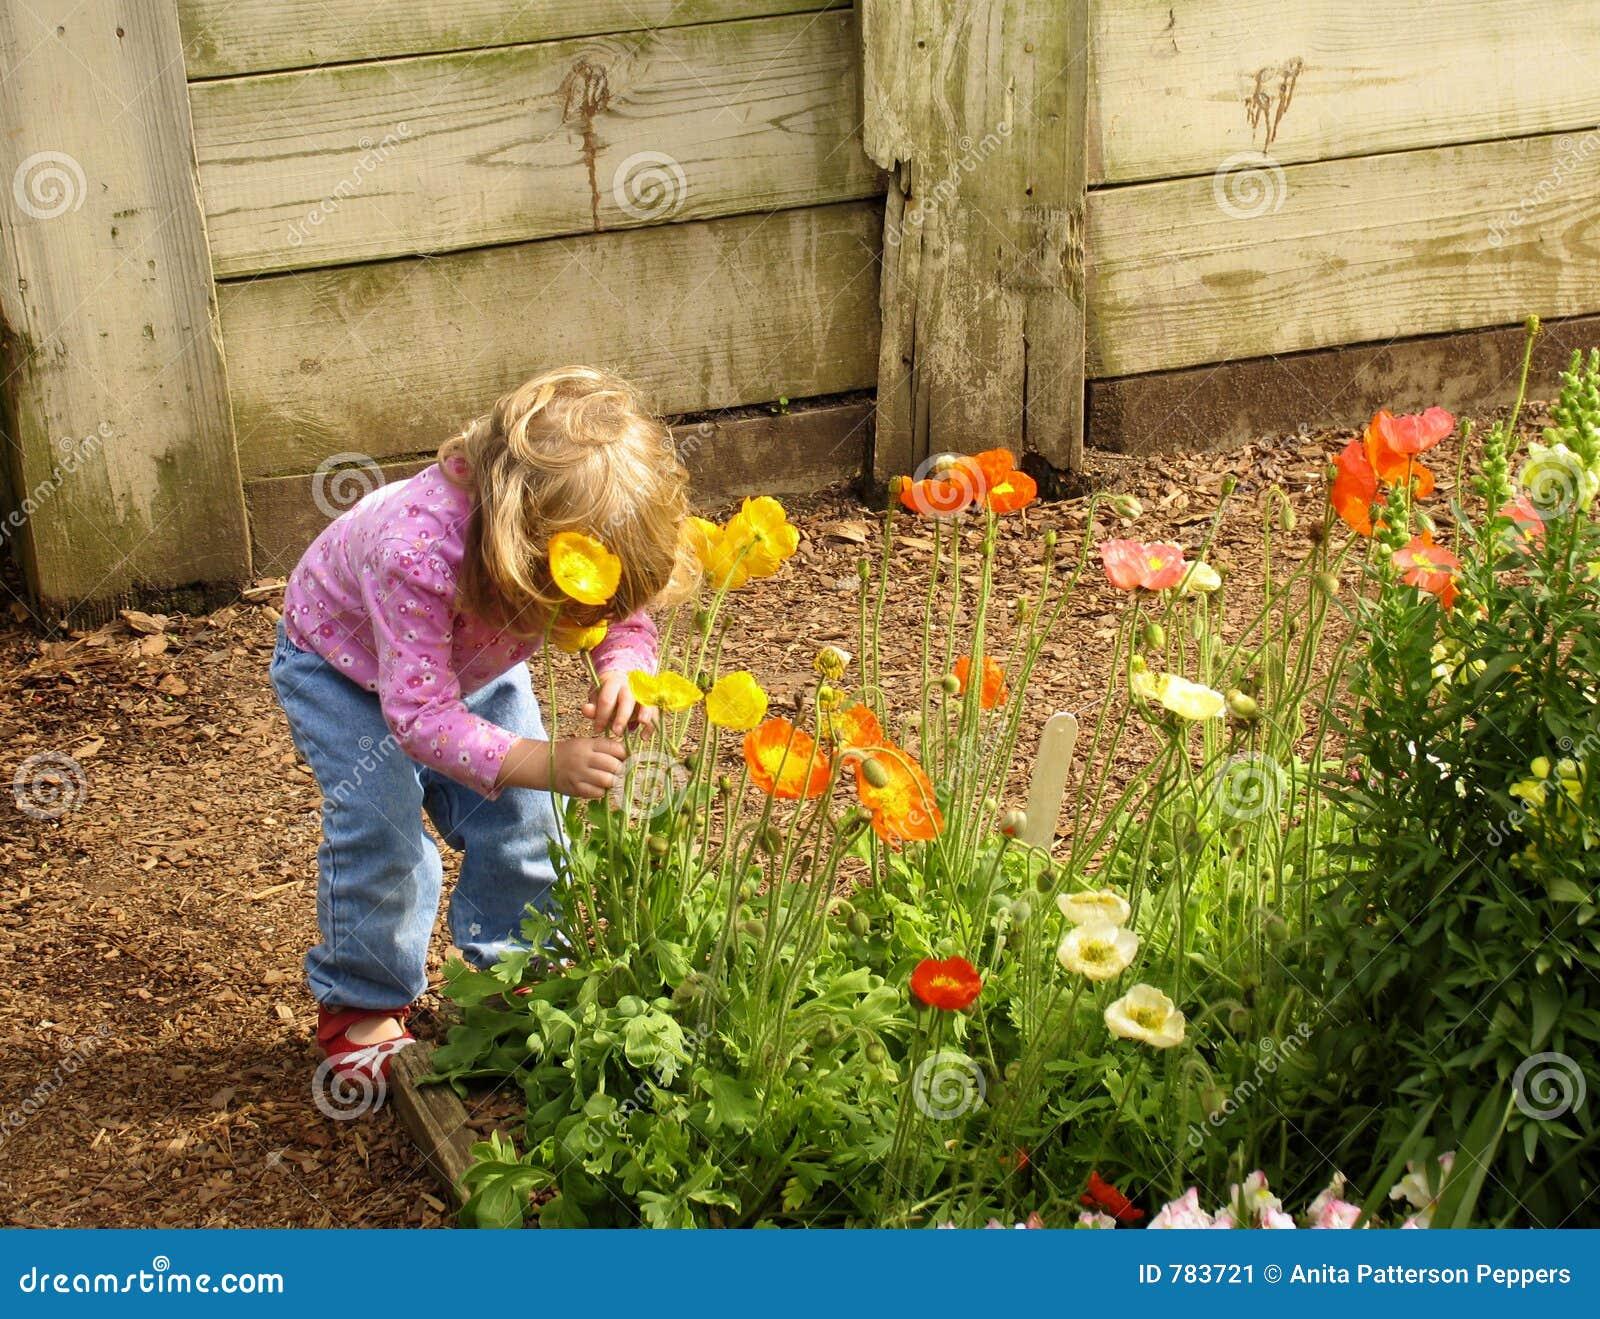 De ruikende bloemen van het meisje